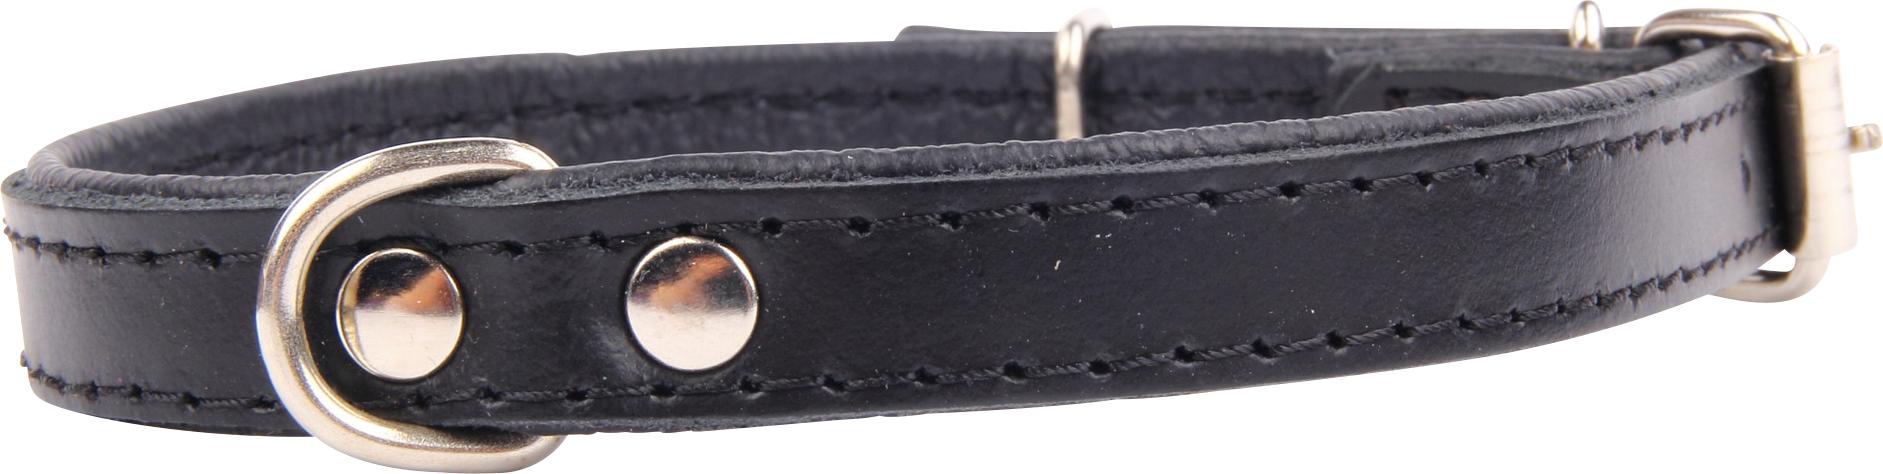 Läderhalsband, Svart 60 cm